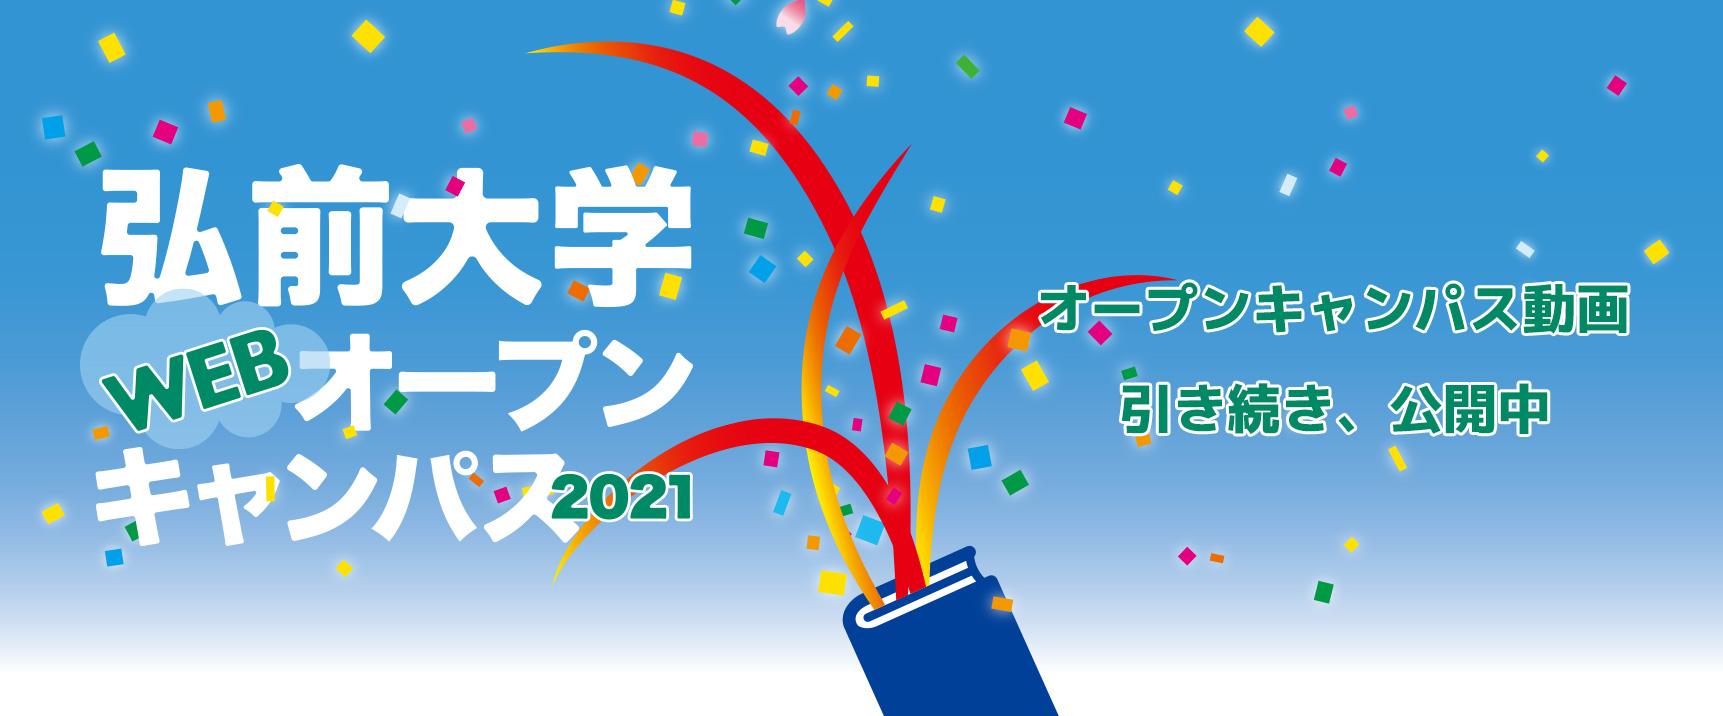 弘前大学WEBオープンキャンパス2021 動画公開中